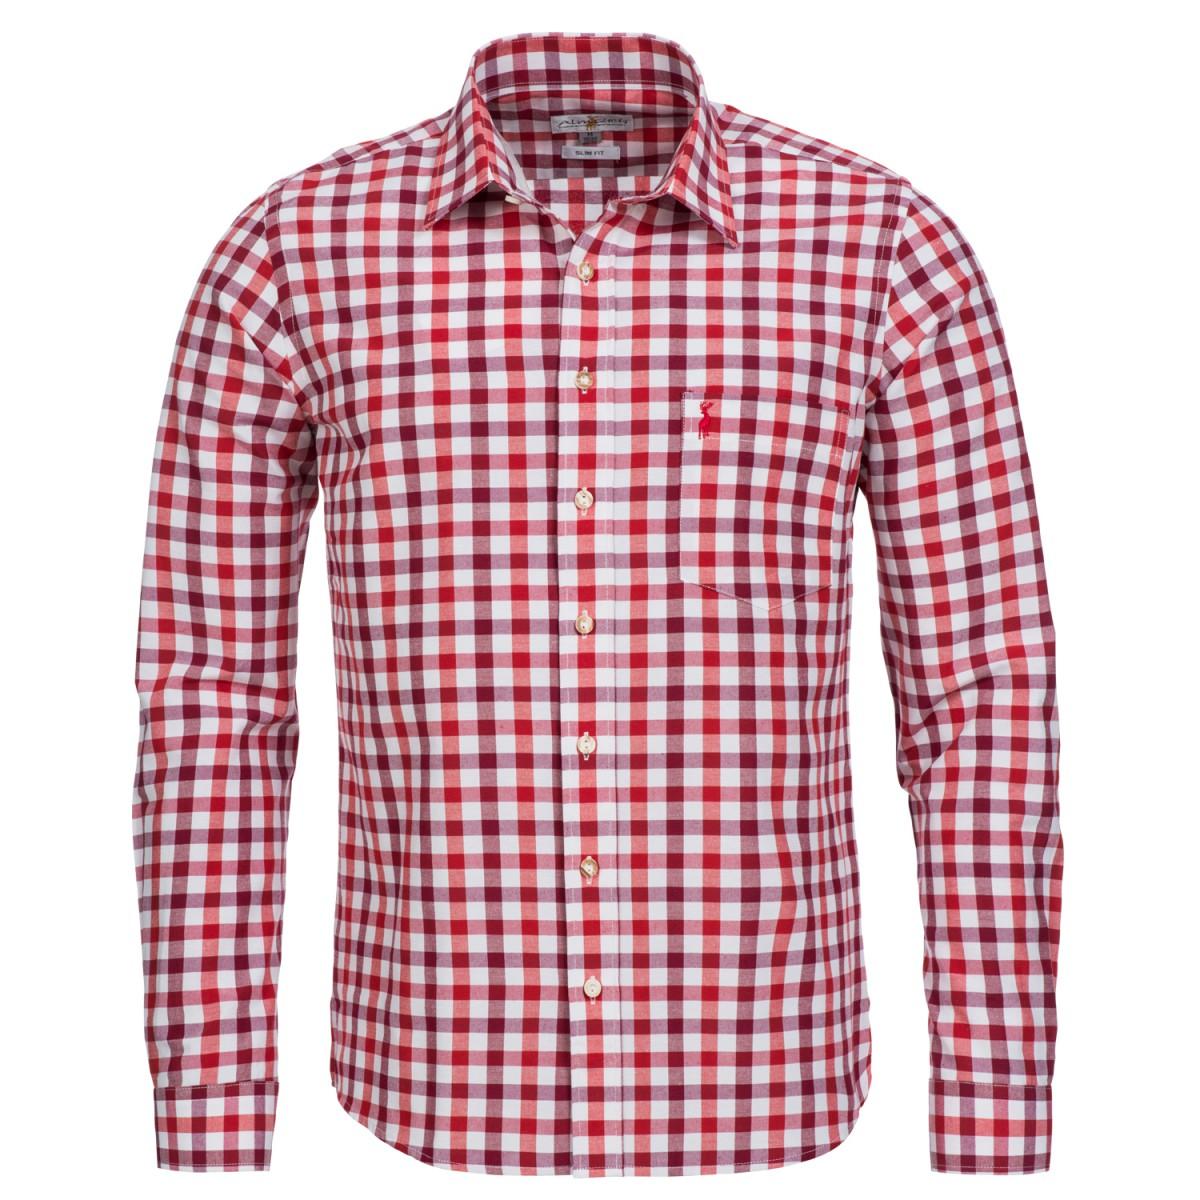 Trachtenhemd Slim Fit zweifarbig in Weinrot und Rot von Almsach